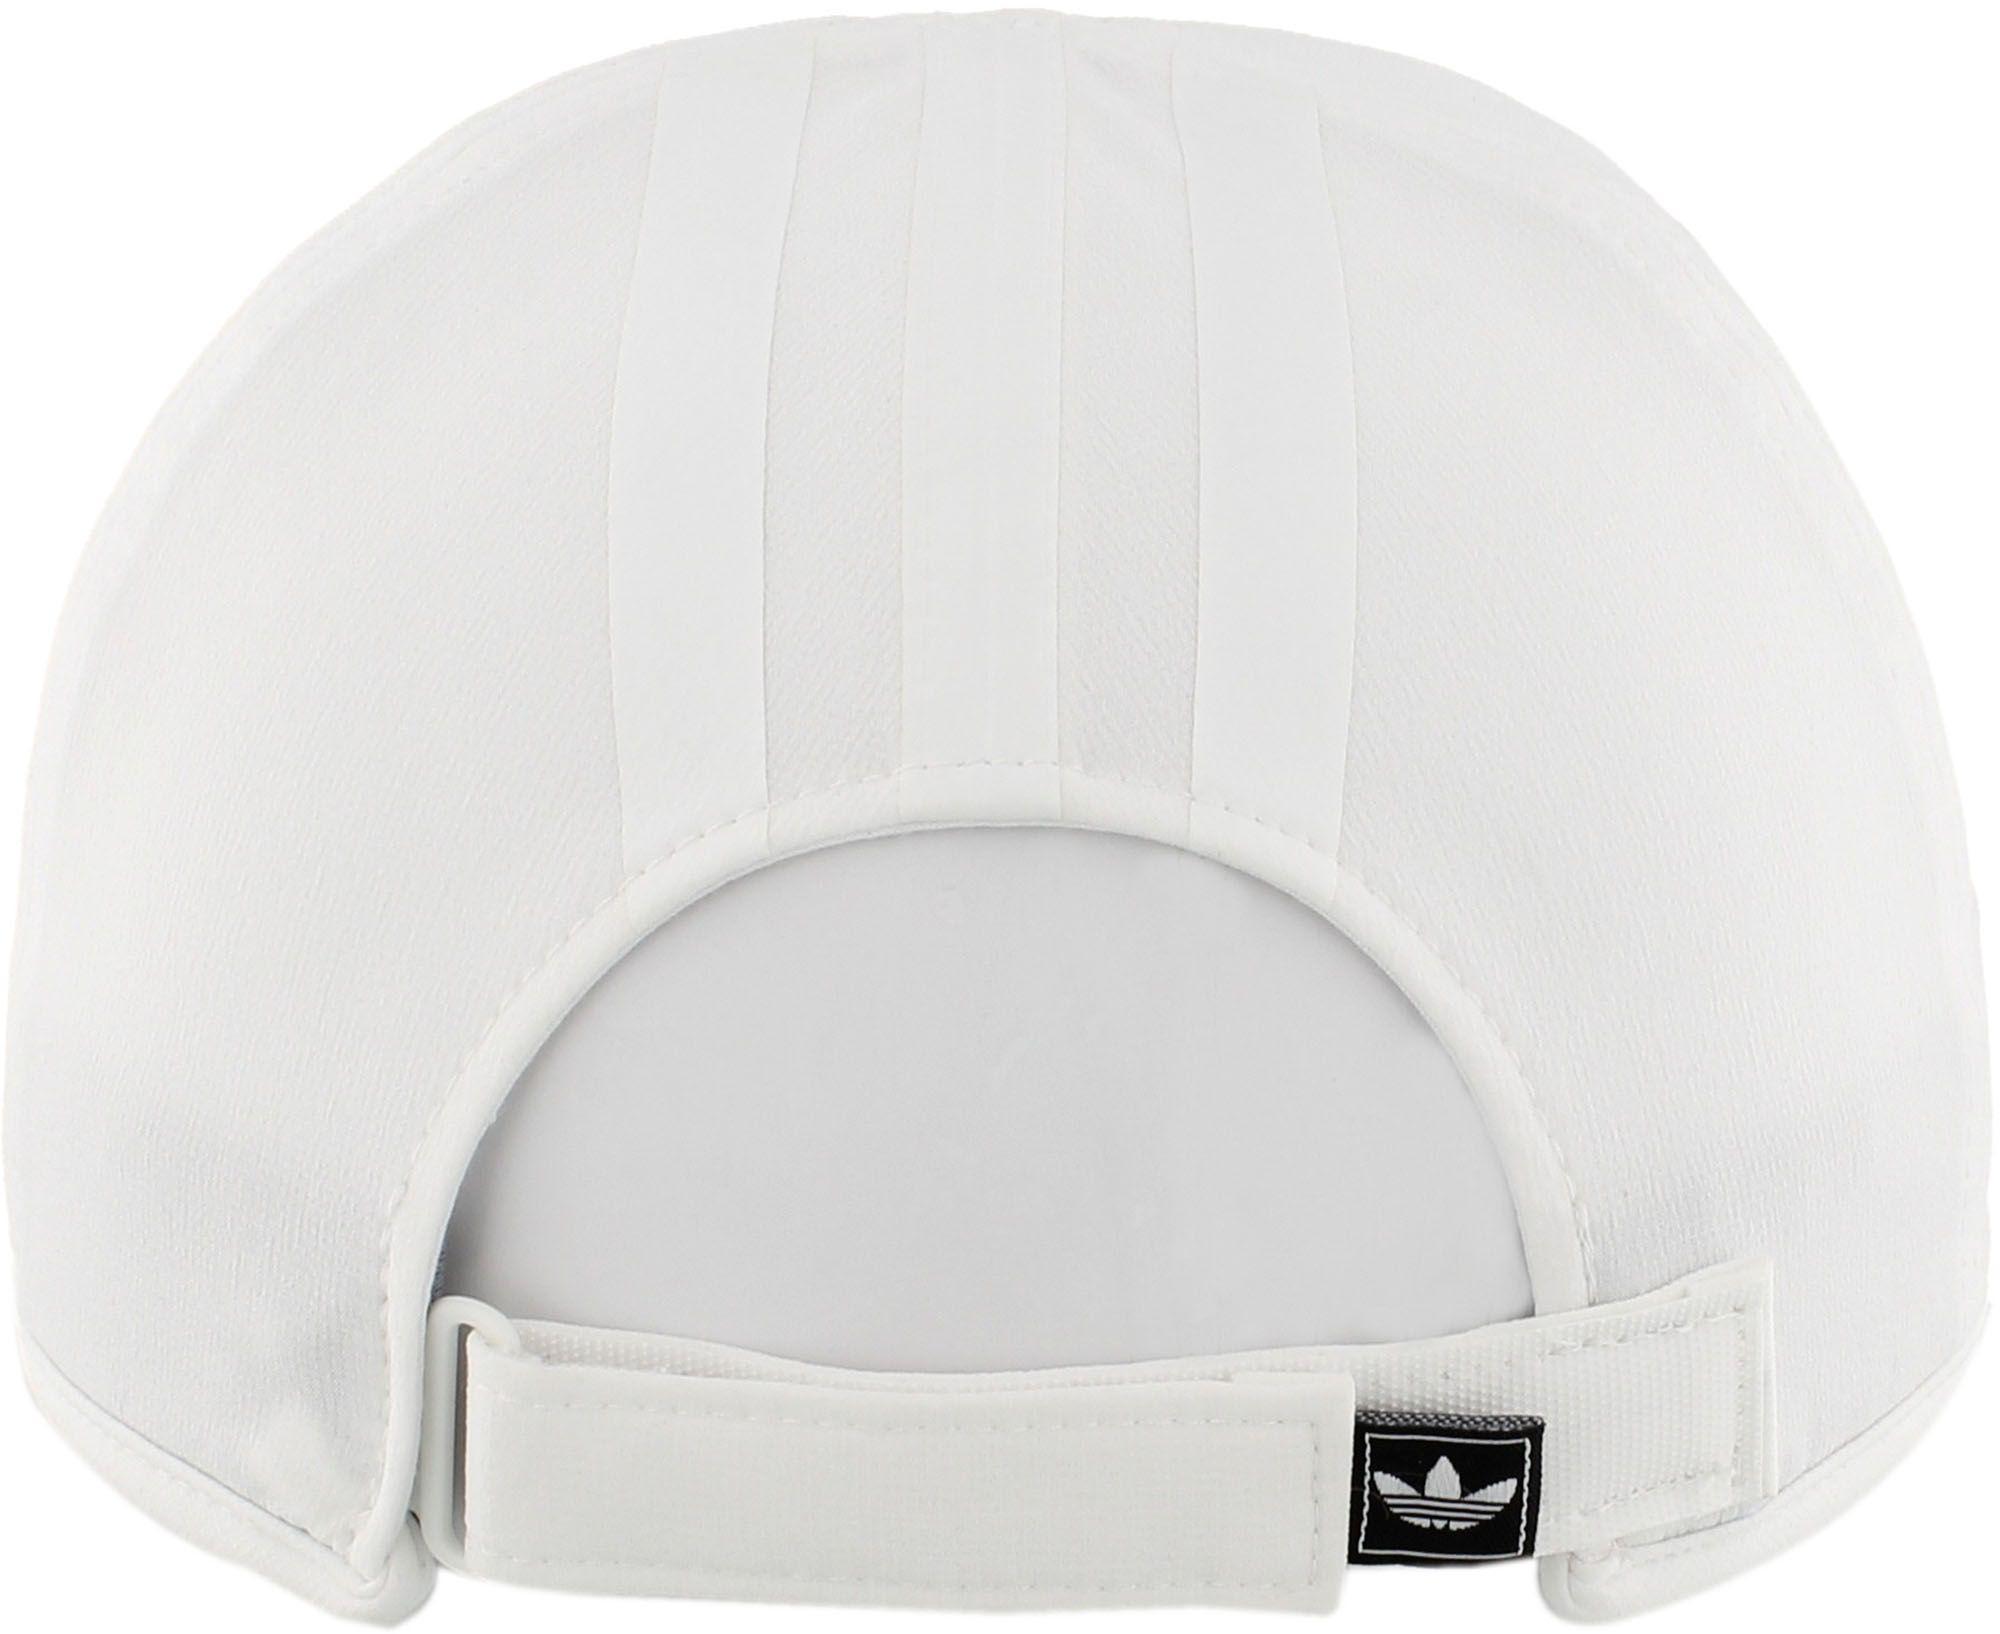 Lyst - adidas Originals Eqt Trainer Ii Hat in White for Men 0667b9288687